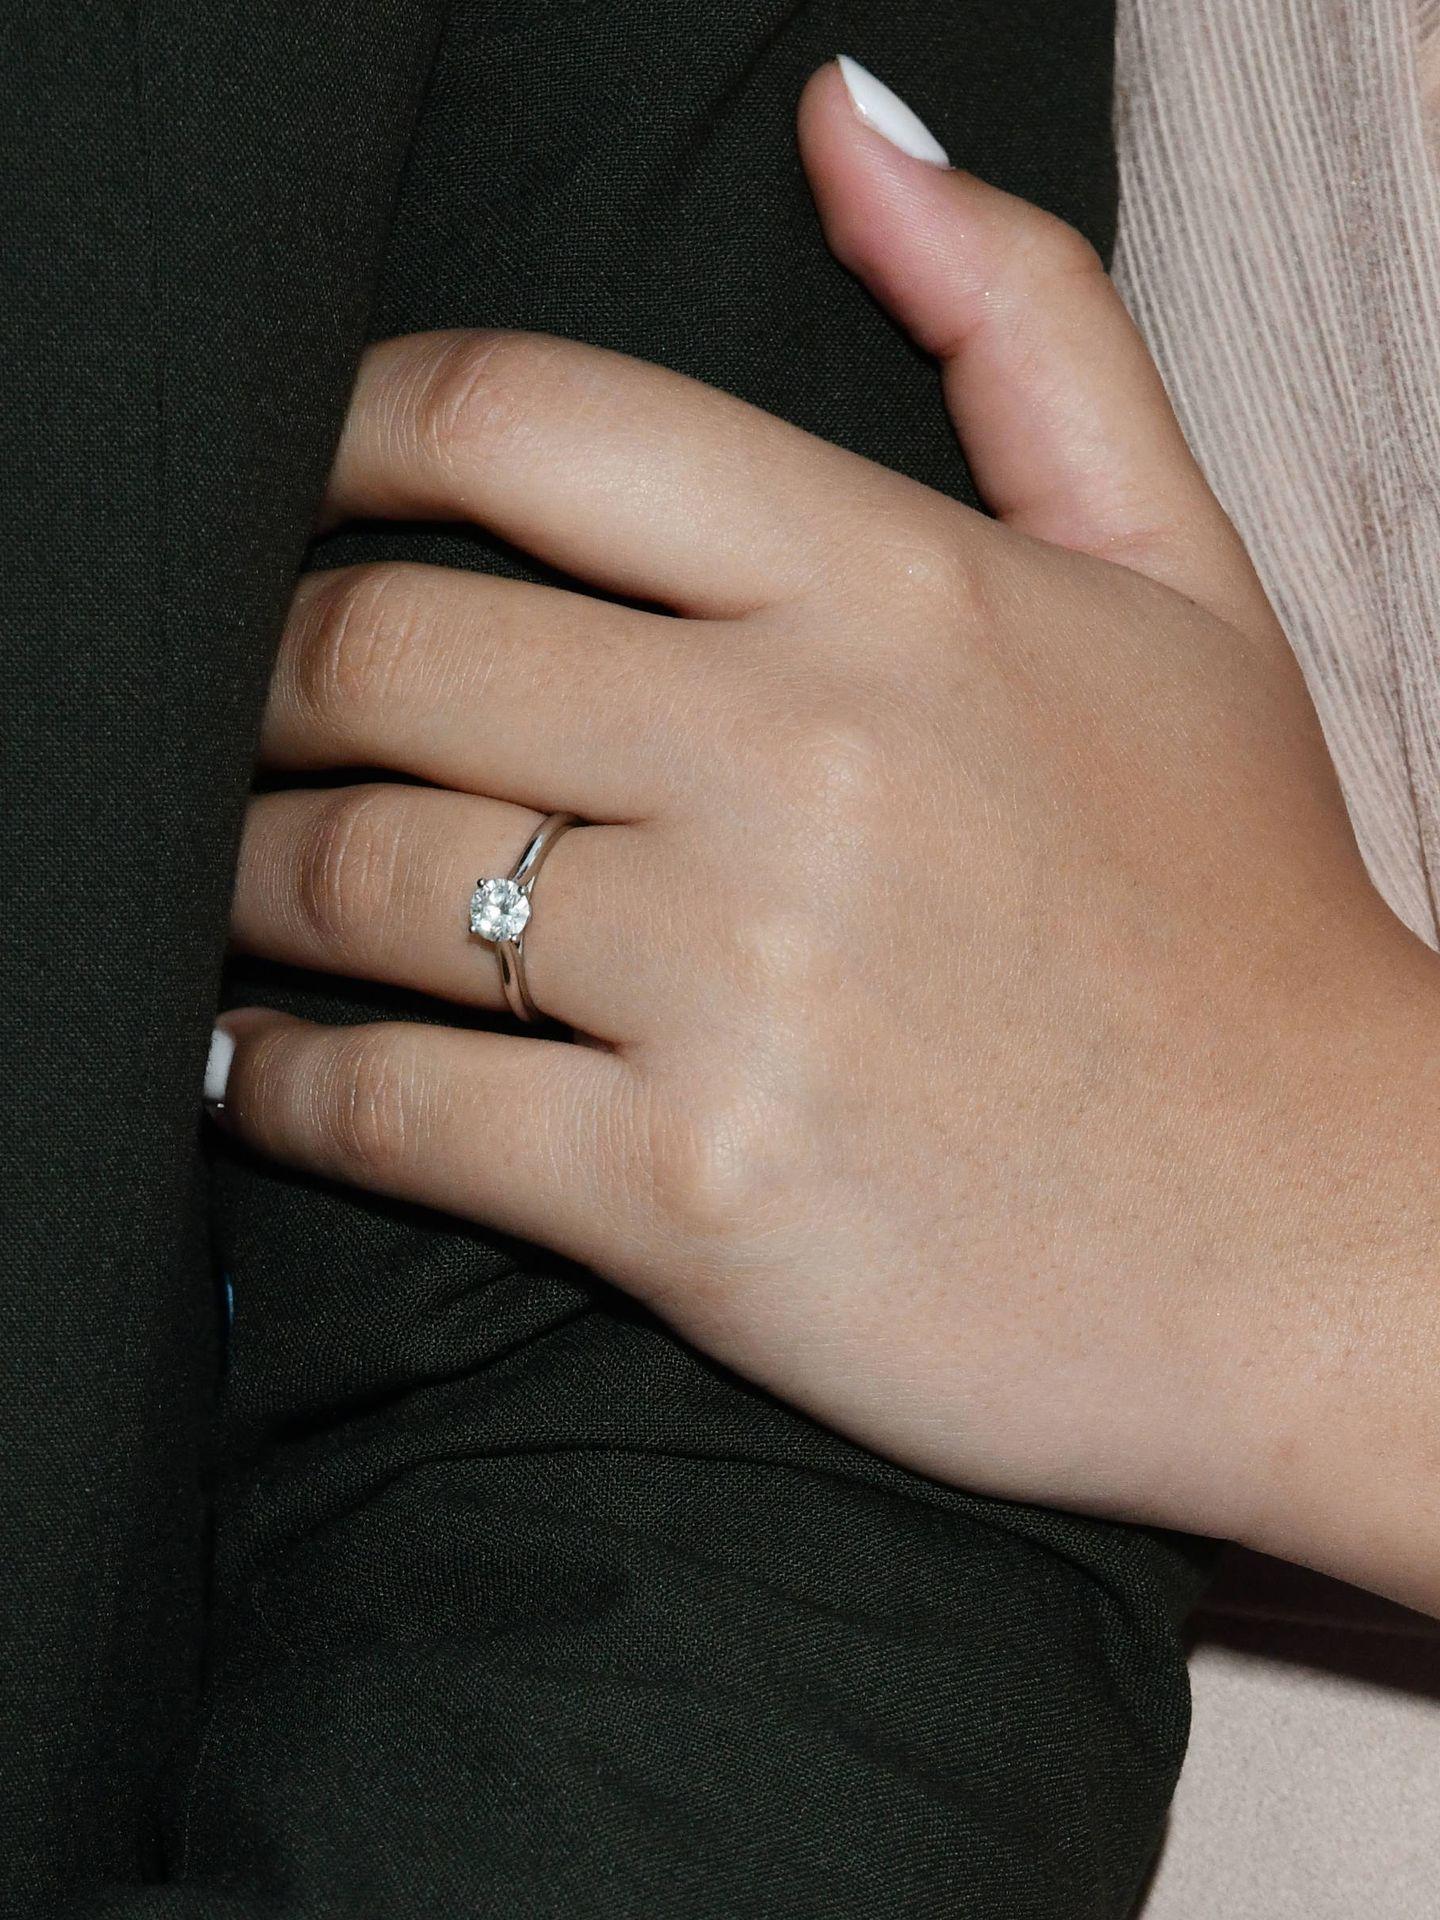 El anillo de compromiso es un solitario con un diamante. (Gtres)